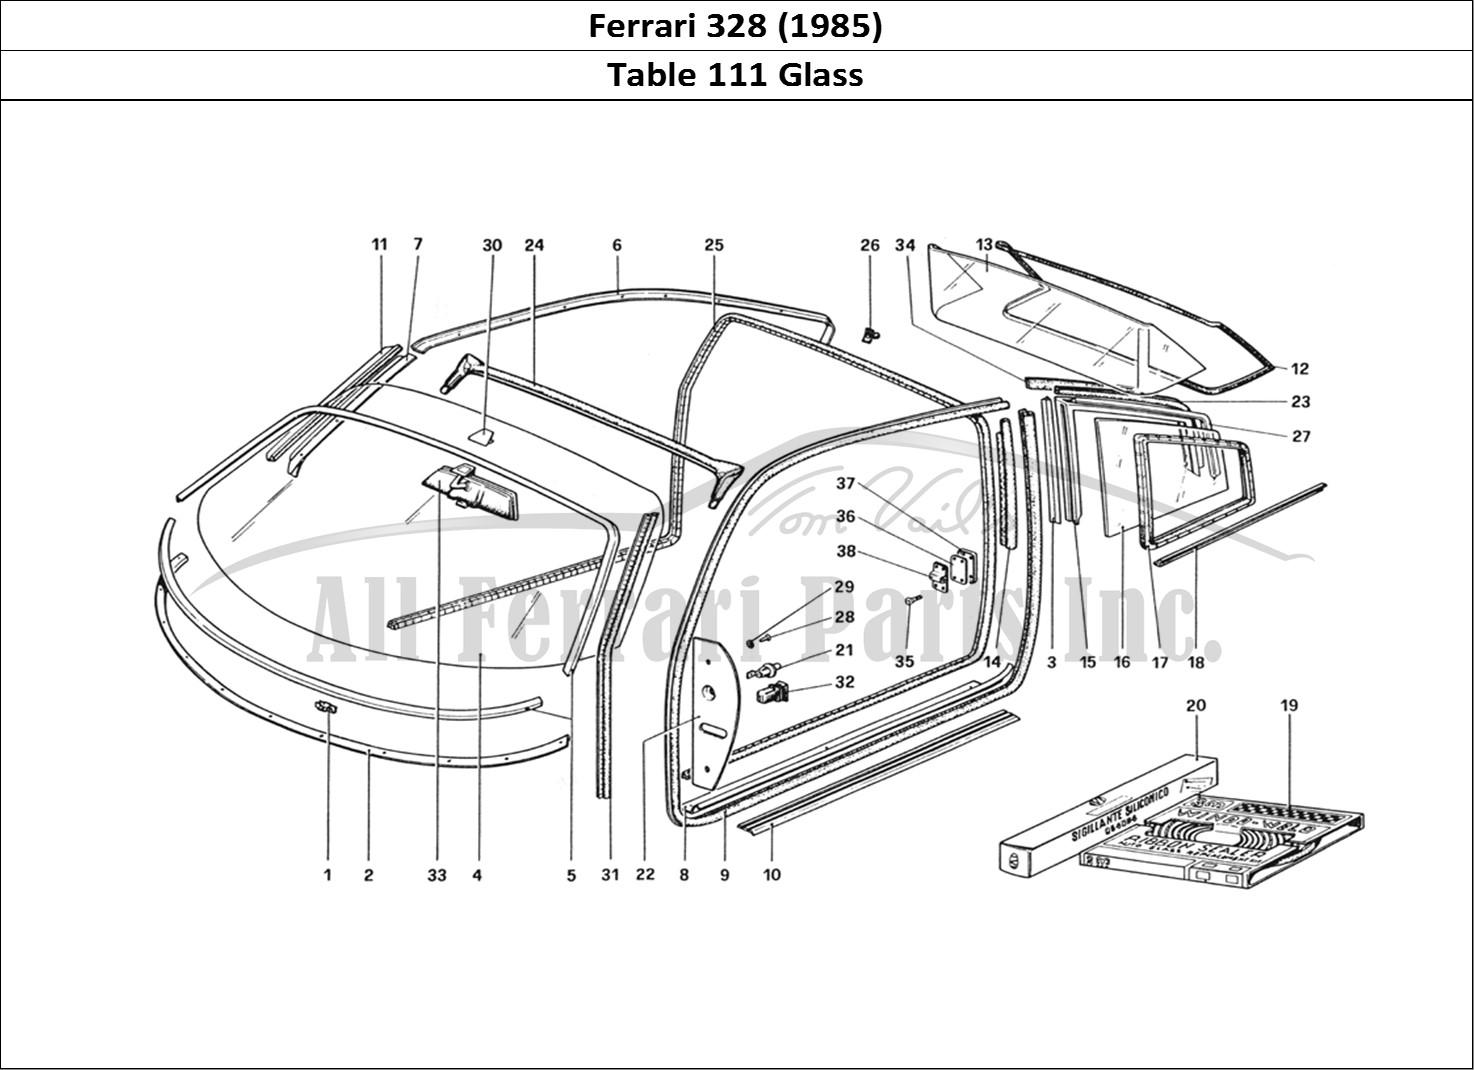 Buy Original Ferrari 328  1985  111 Glass Ferrari Parts  Spares  Accessories Online